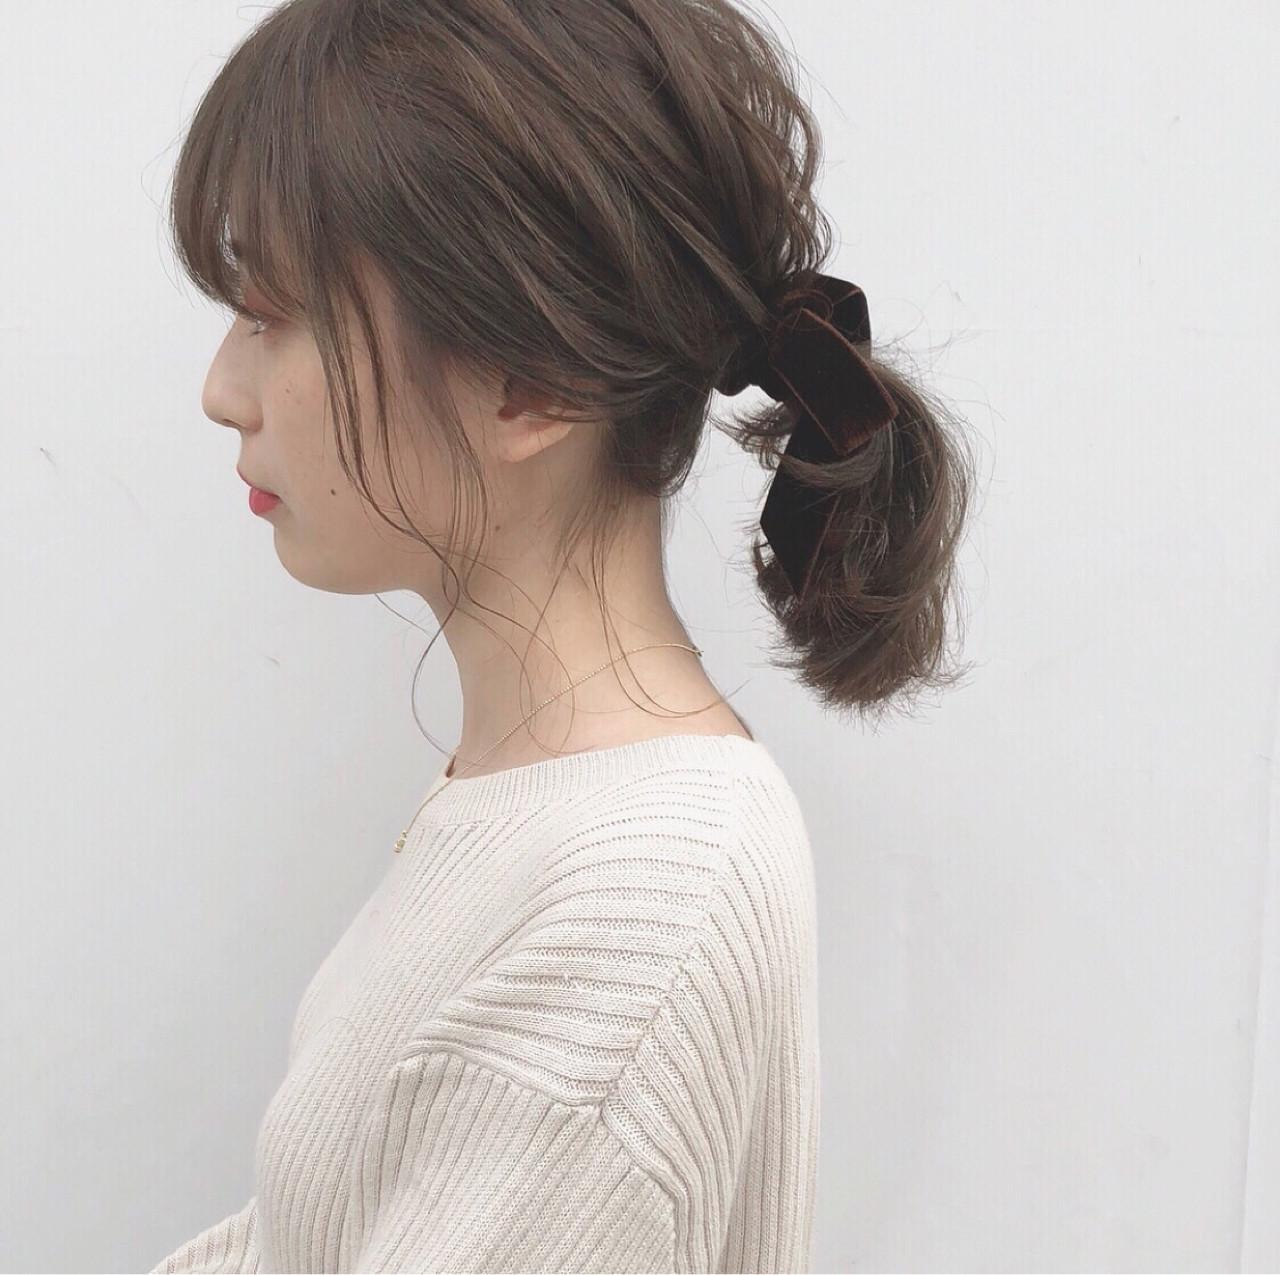 後れ毛がポイント!超簡単ヘアアレンジ hii.de@✂︎